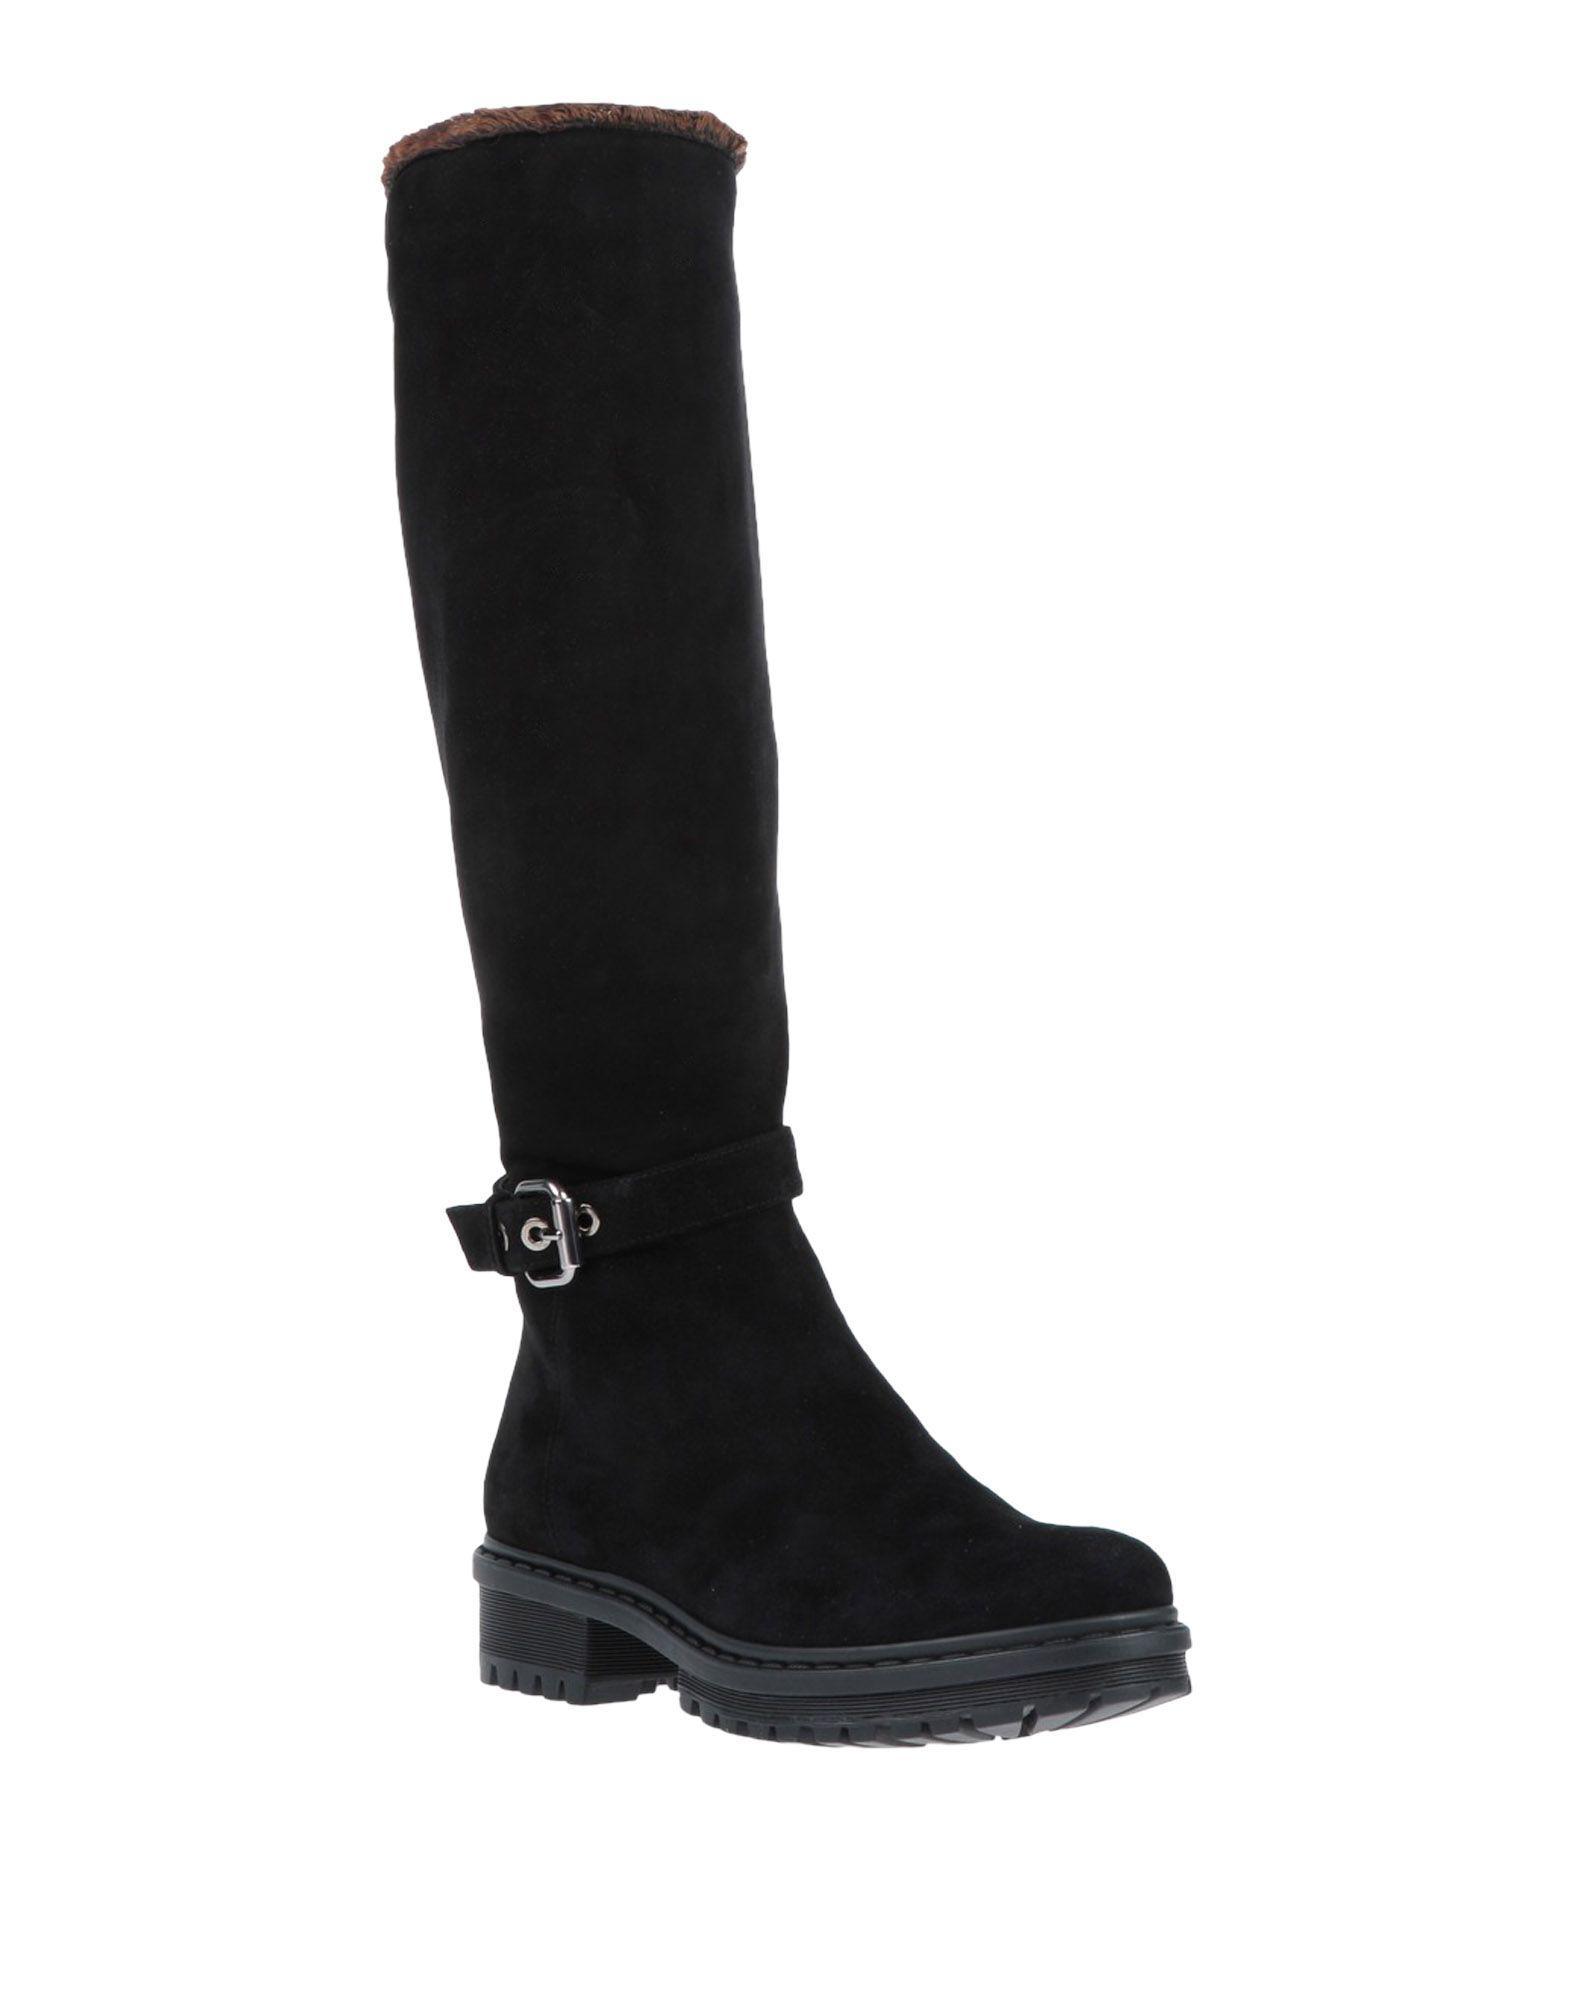 Loriblu Boots in Black